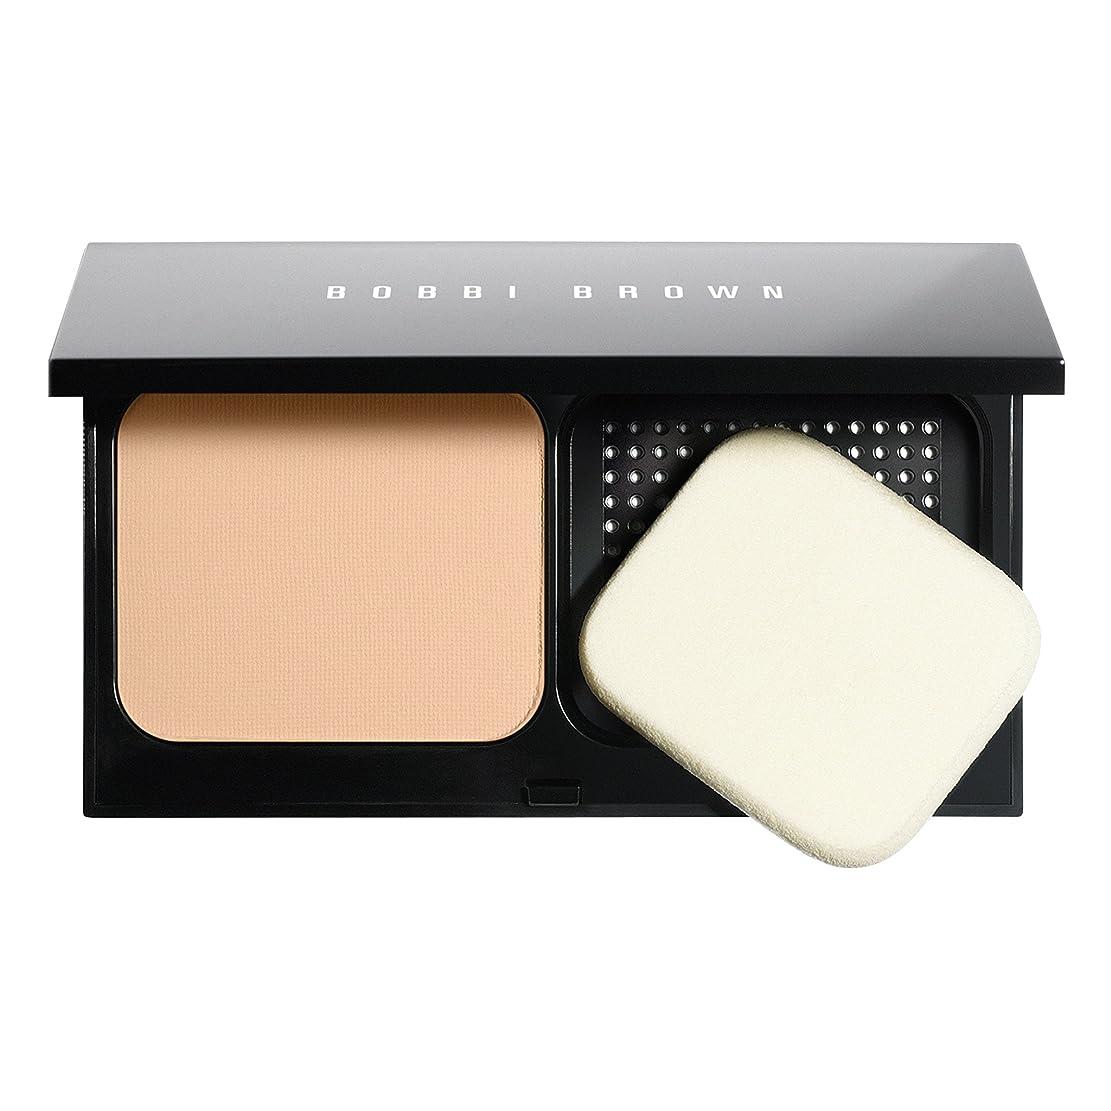 必要とするミスペンド憤るボビイブラウン Skin Weightless Powder Foundation - #2.5 Warm Sand 11g/0.38oz